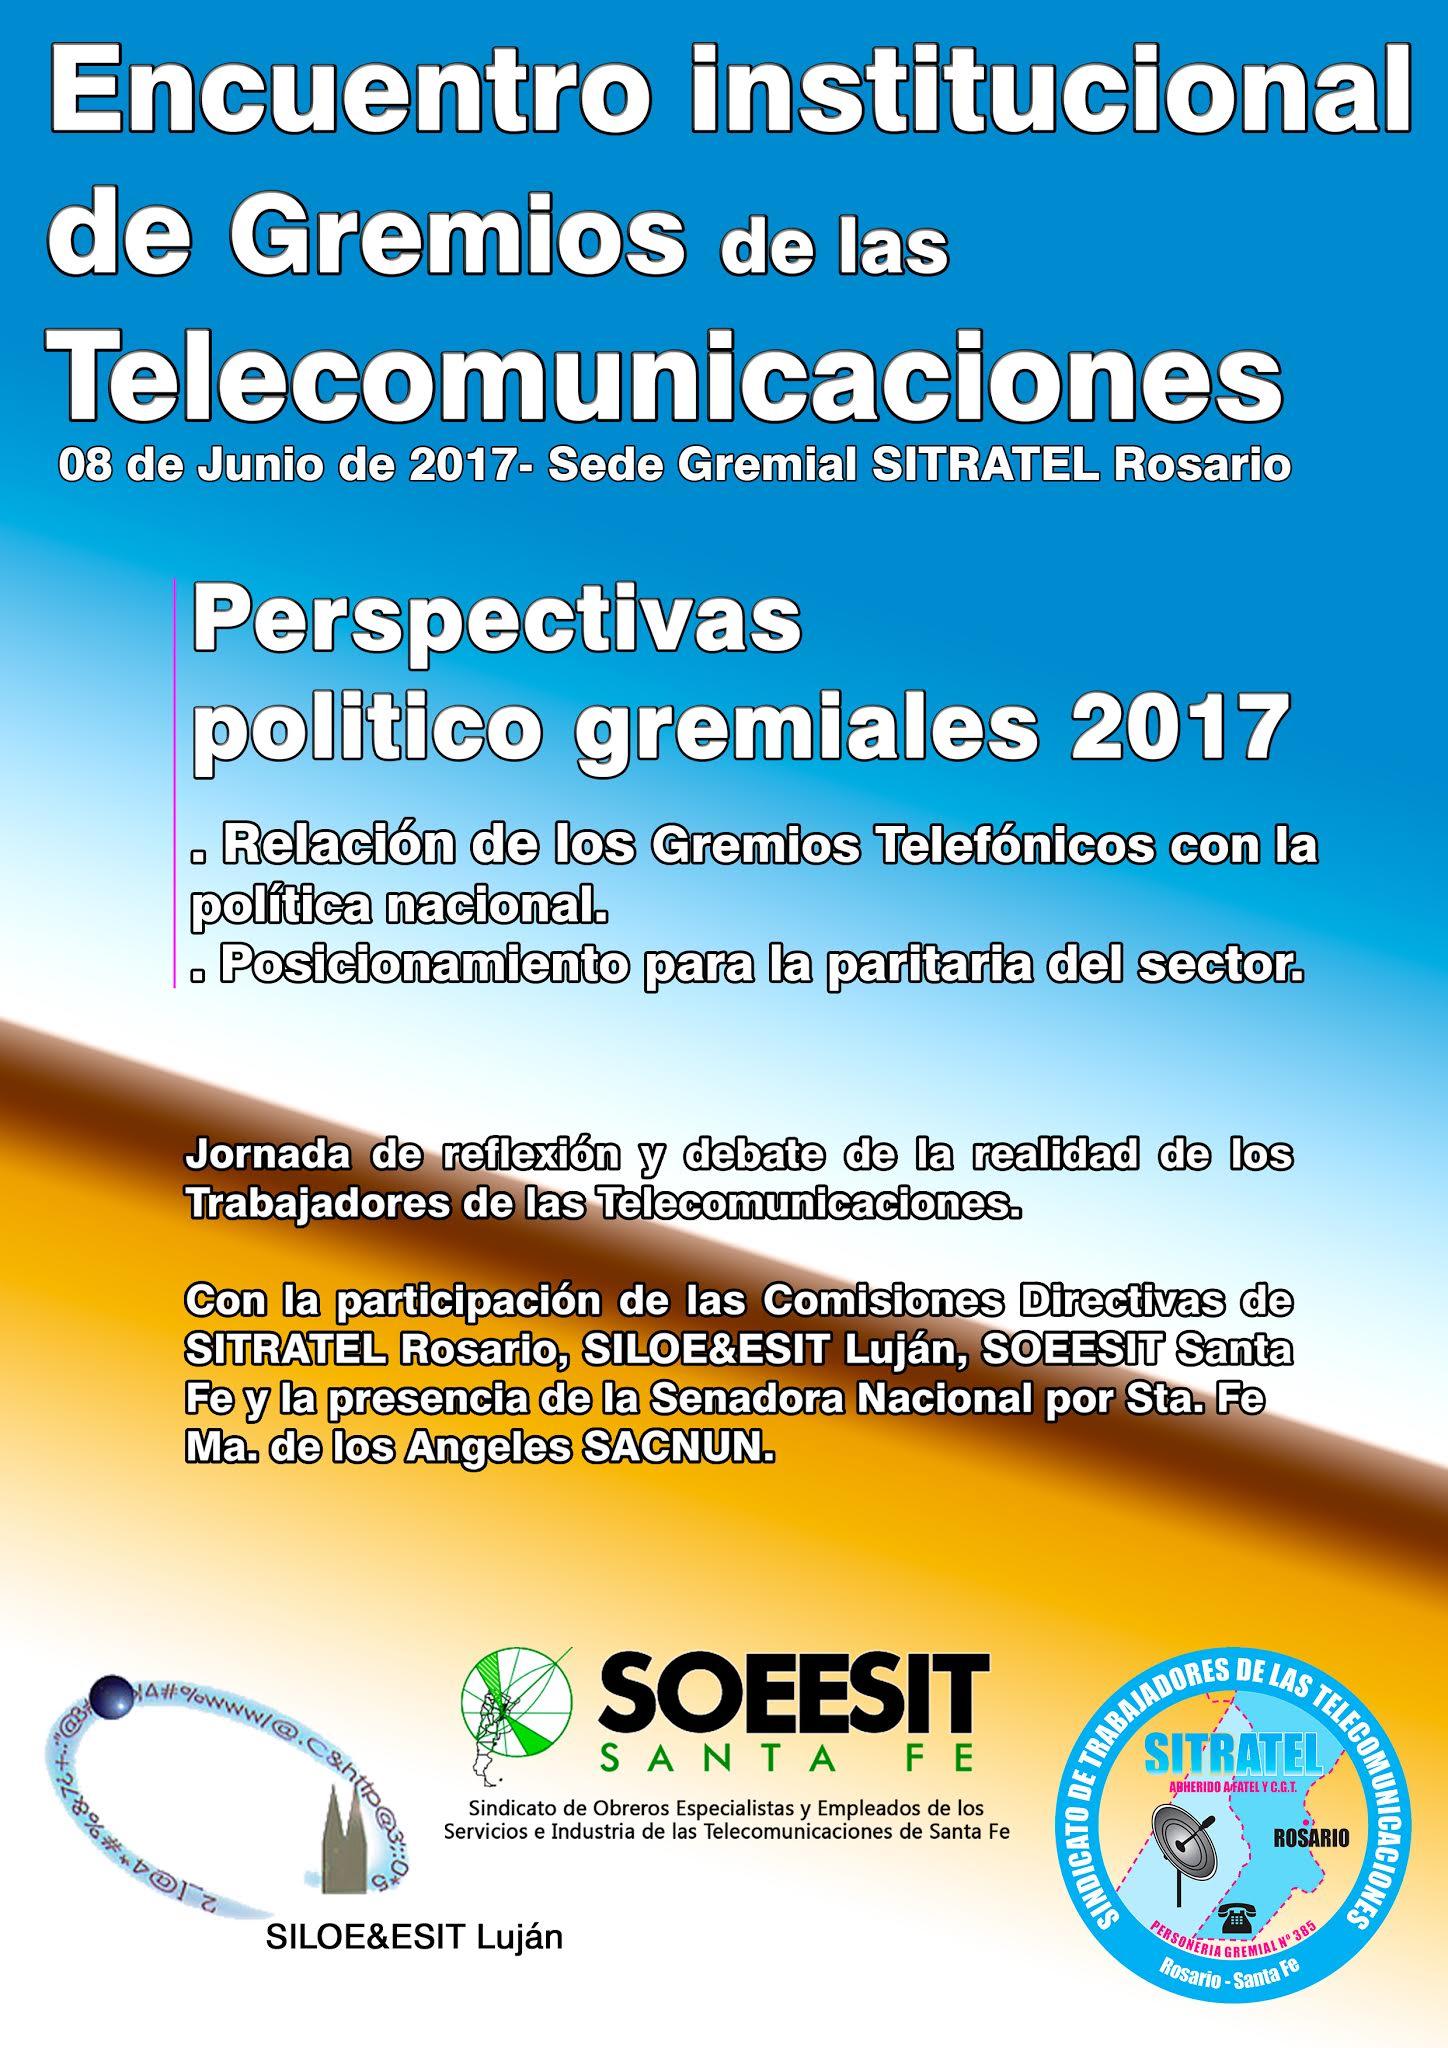 Encuentro institucional de Gremios de las Telecomunicaciones